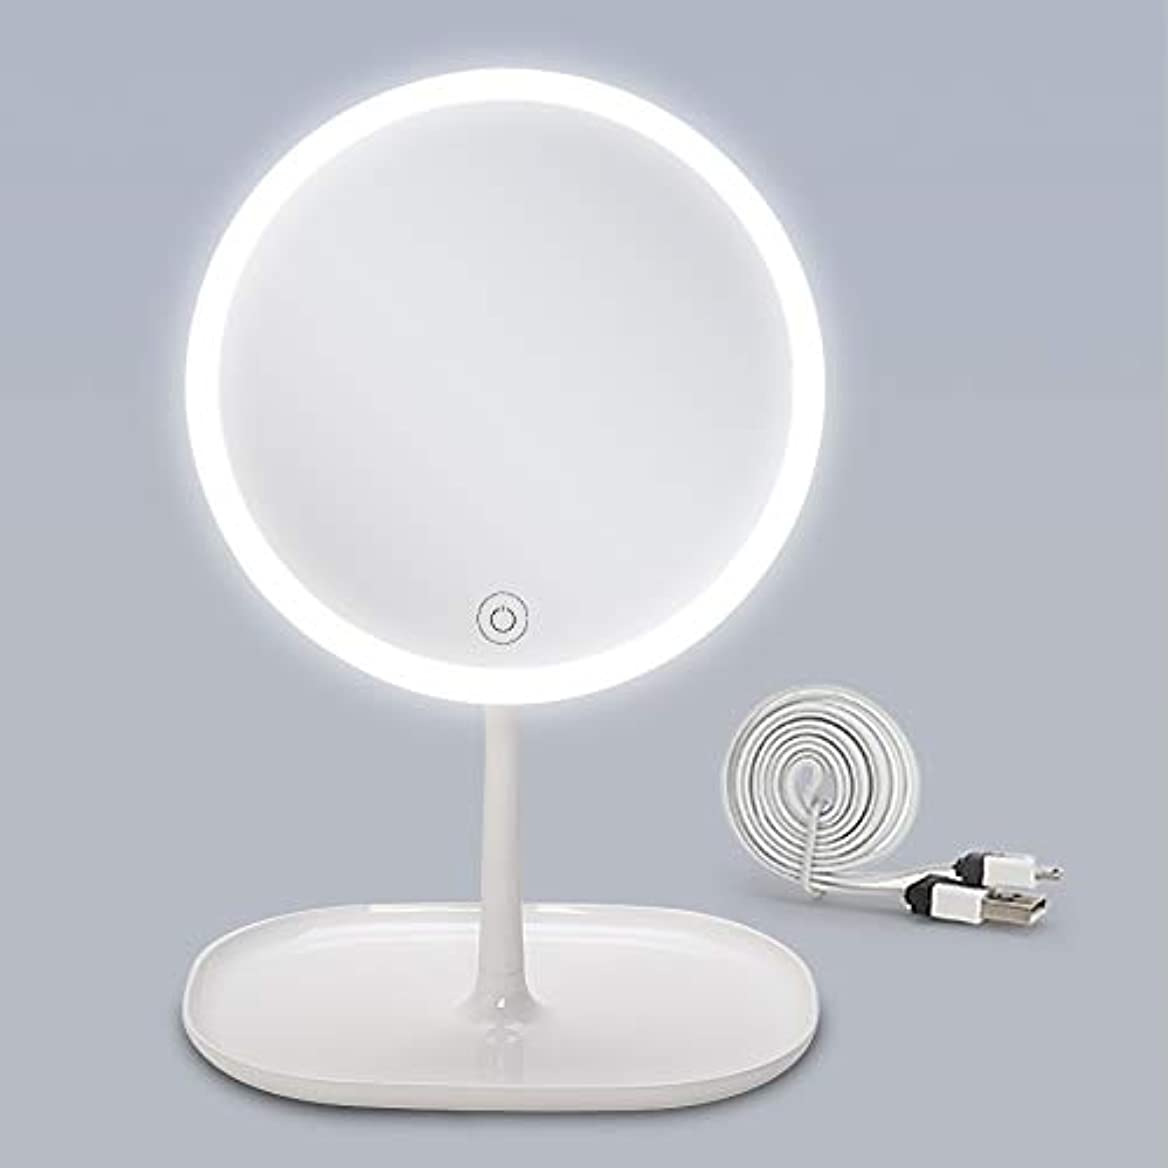 ましい面倒優遇(セーディコ)Cerdeco 大きめLEDメイクアップミラー 自然な光 タッチパネルで3段階調光 便利なトレー 卓上鏡 スタンドミラー 昼光色/電球色/昼白色 USBケーブル付き 鏡面φ201mm